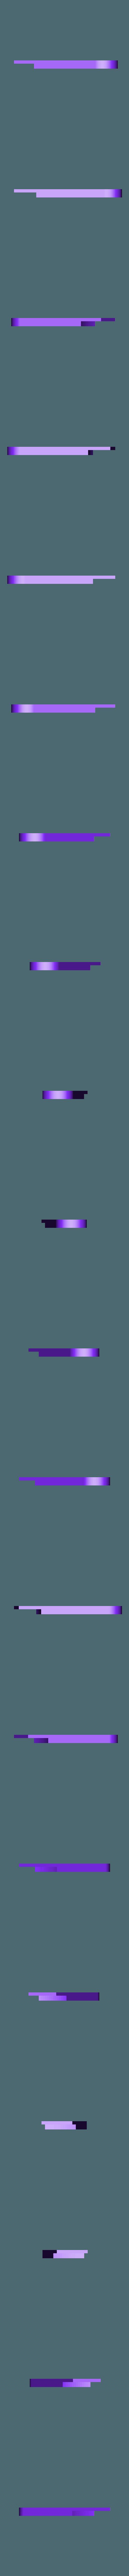 1908-01 Part05.stl Télécharger fichier STL gratuit Jouet à cueillir les poulets • Modèle à imprimer en 3D, EL3D